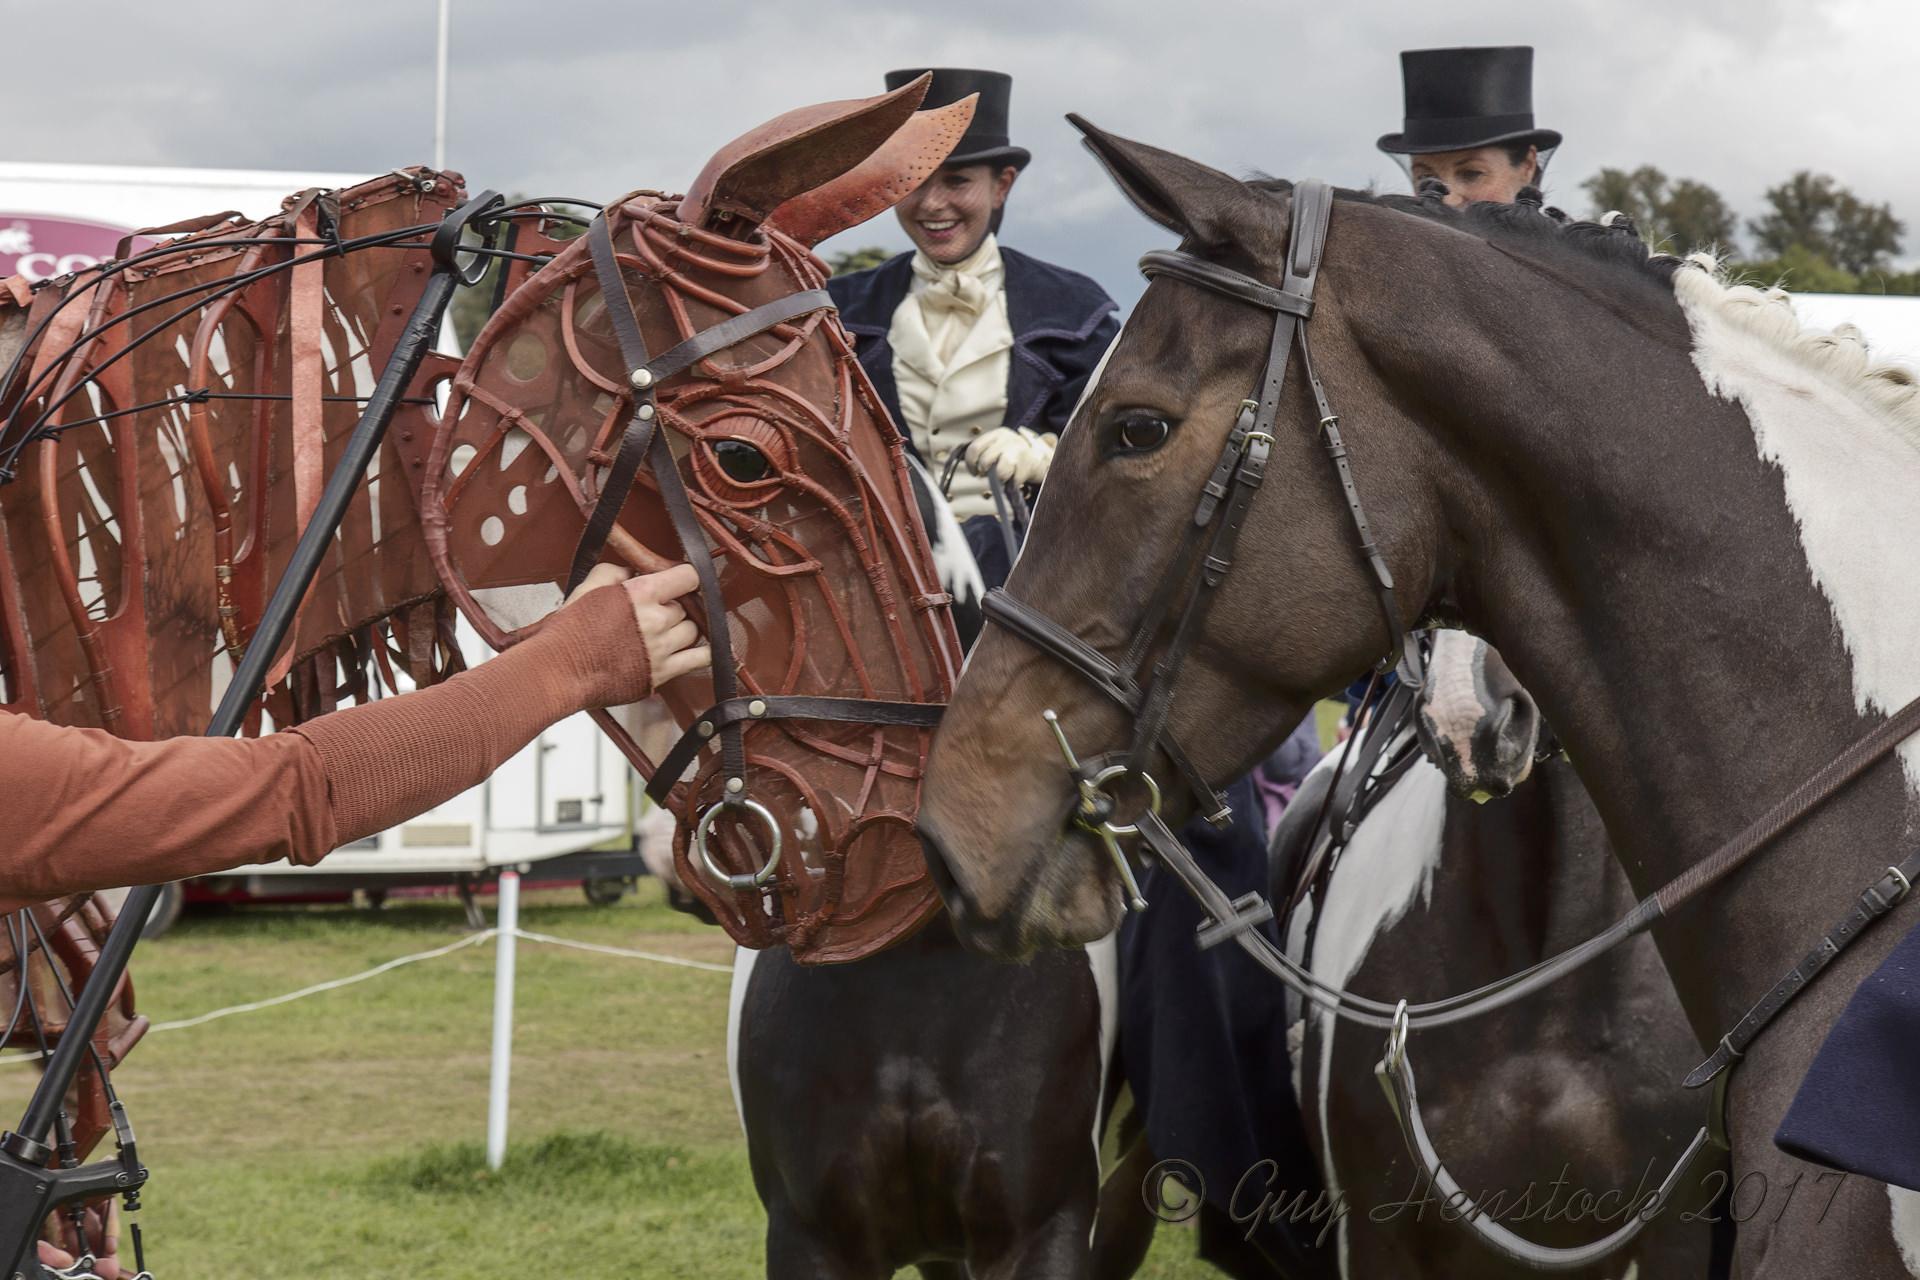 War Horse at Blenheim Palace